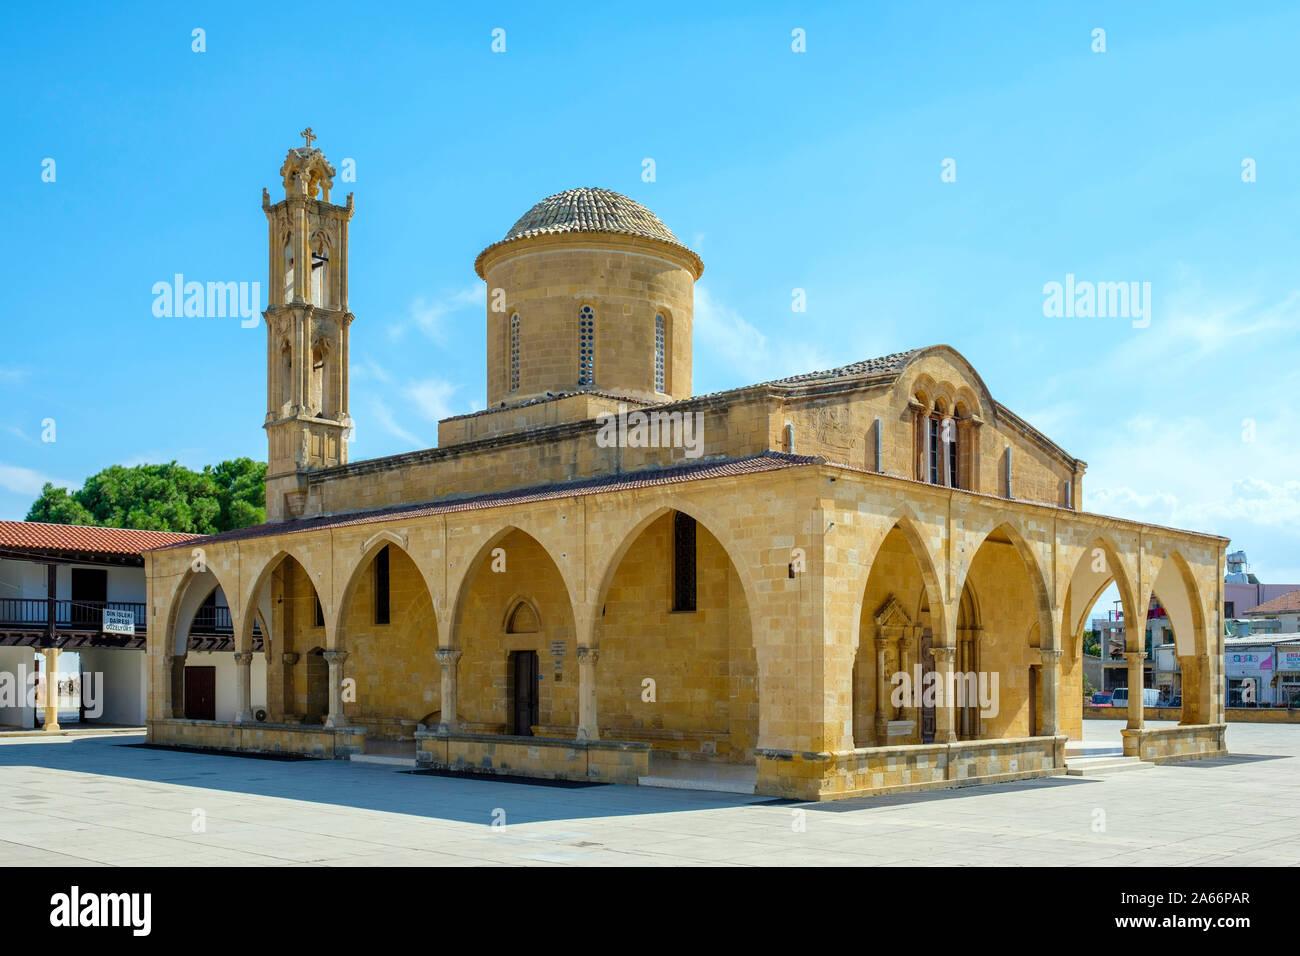 Iglesia de Agios Mamas de Morphou (Güzelyurt), Distrito de Nicosia Güzelyurt (distrito), Chipre (Chipre Septentrional). Foto de stock